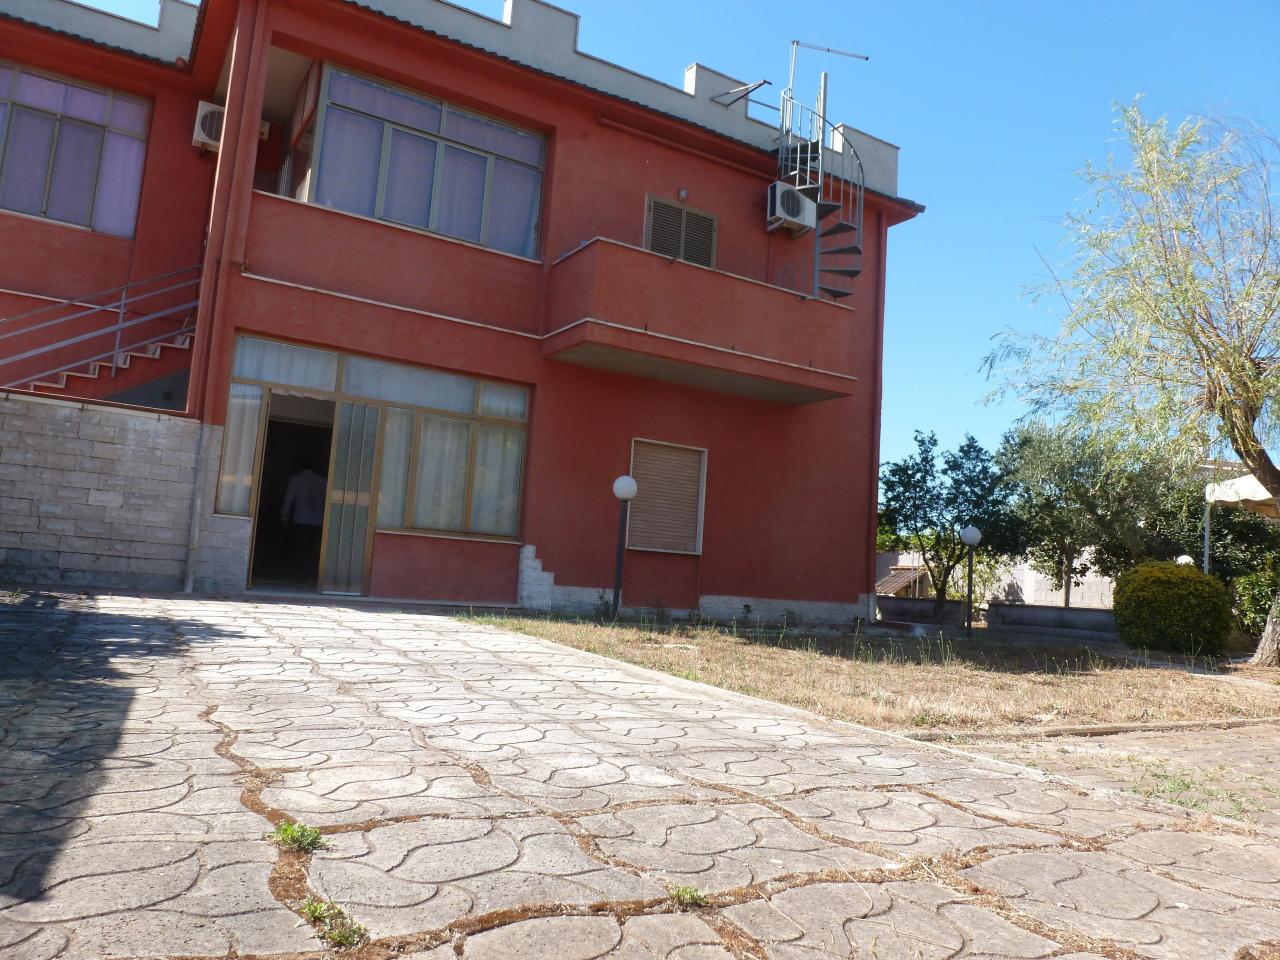 Appartamento in vendita a Nettuno, 4 locali, prezzo € 90.000 | CambioCasa.it